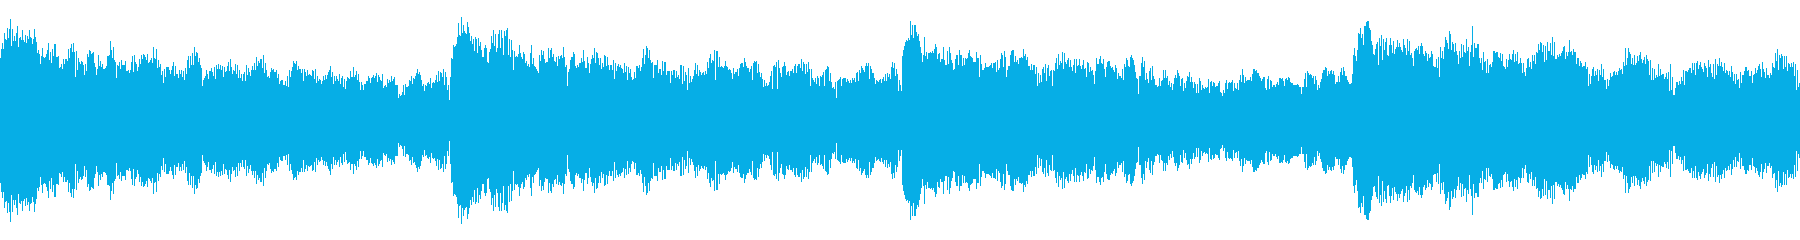 単一の原始的なシンセアルペジオは、...の再生済みの波形